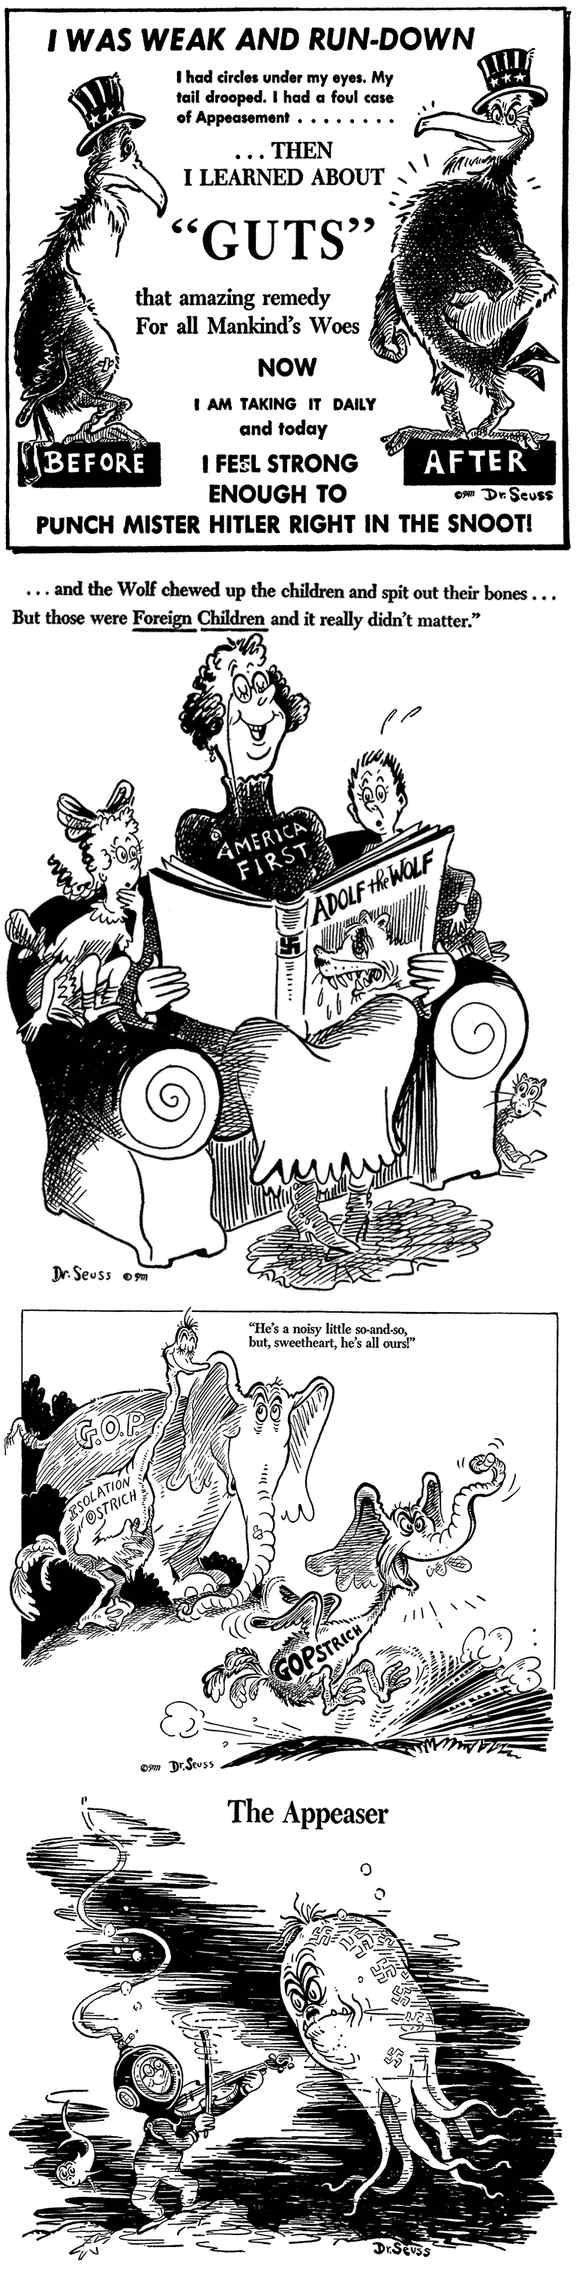 Dr. Seuss - Theodor Geisel World War II Political Cartoons - Download